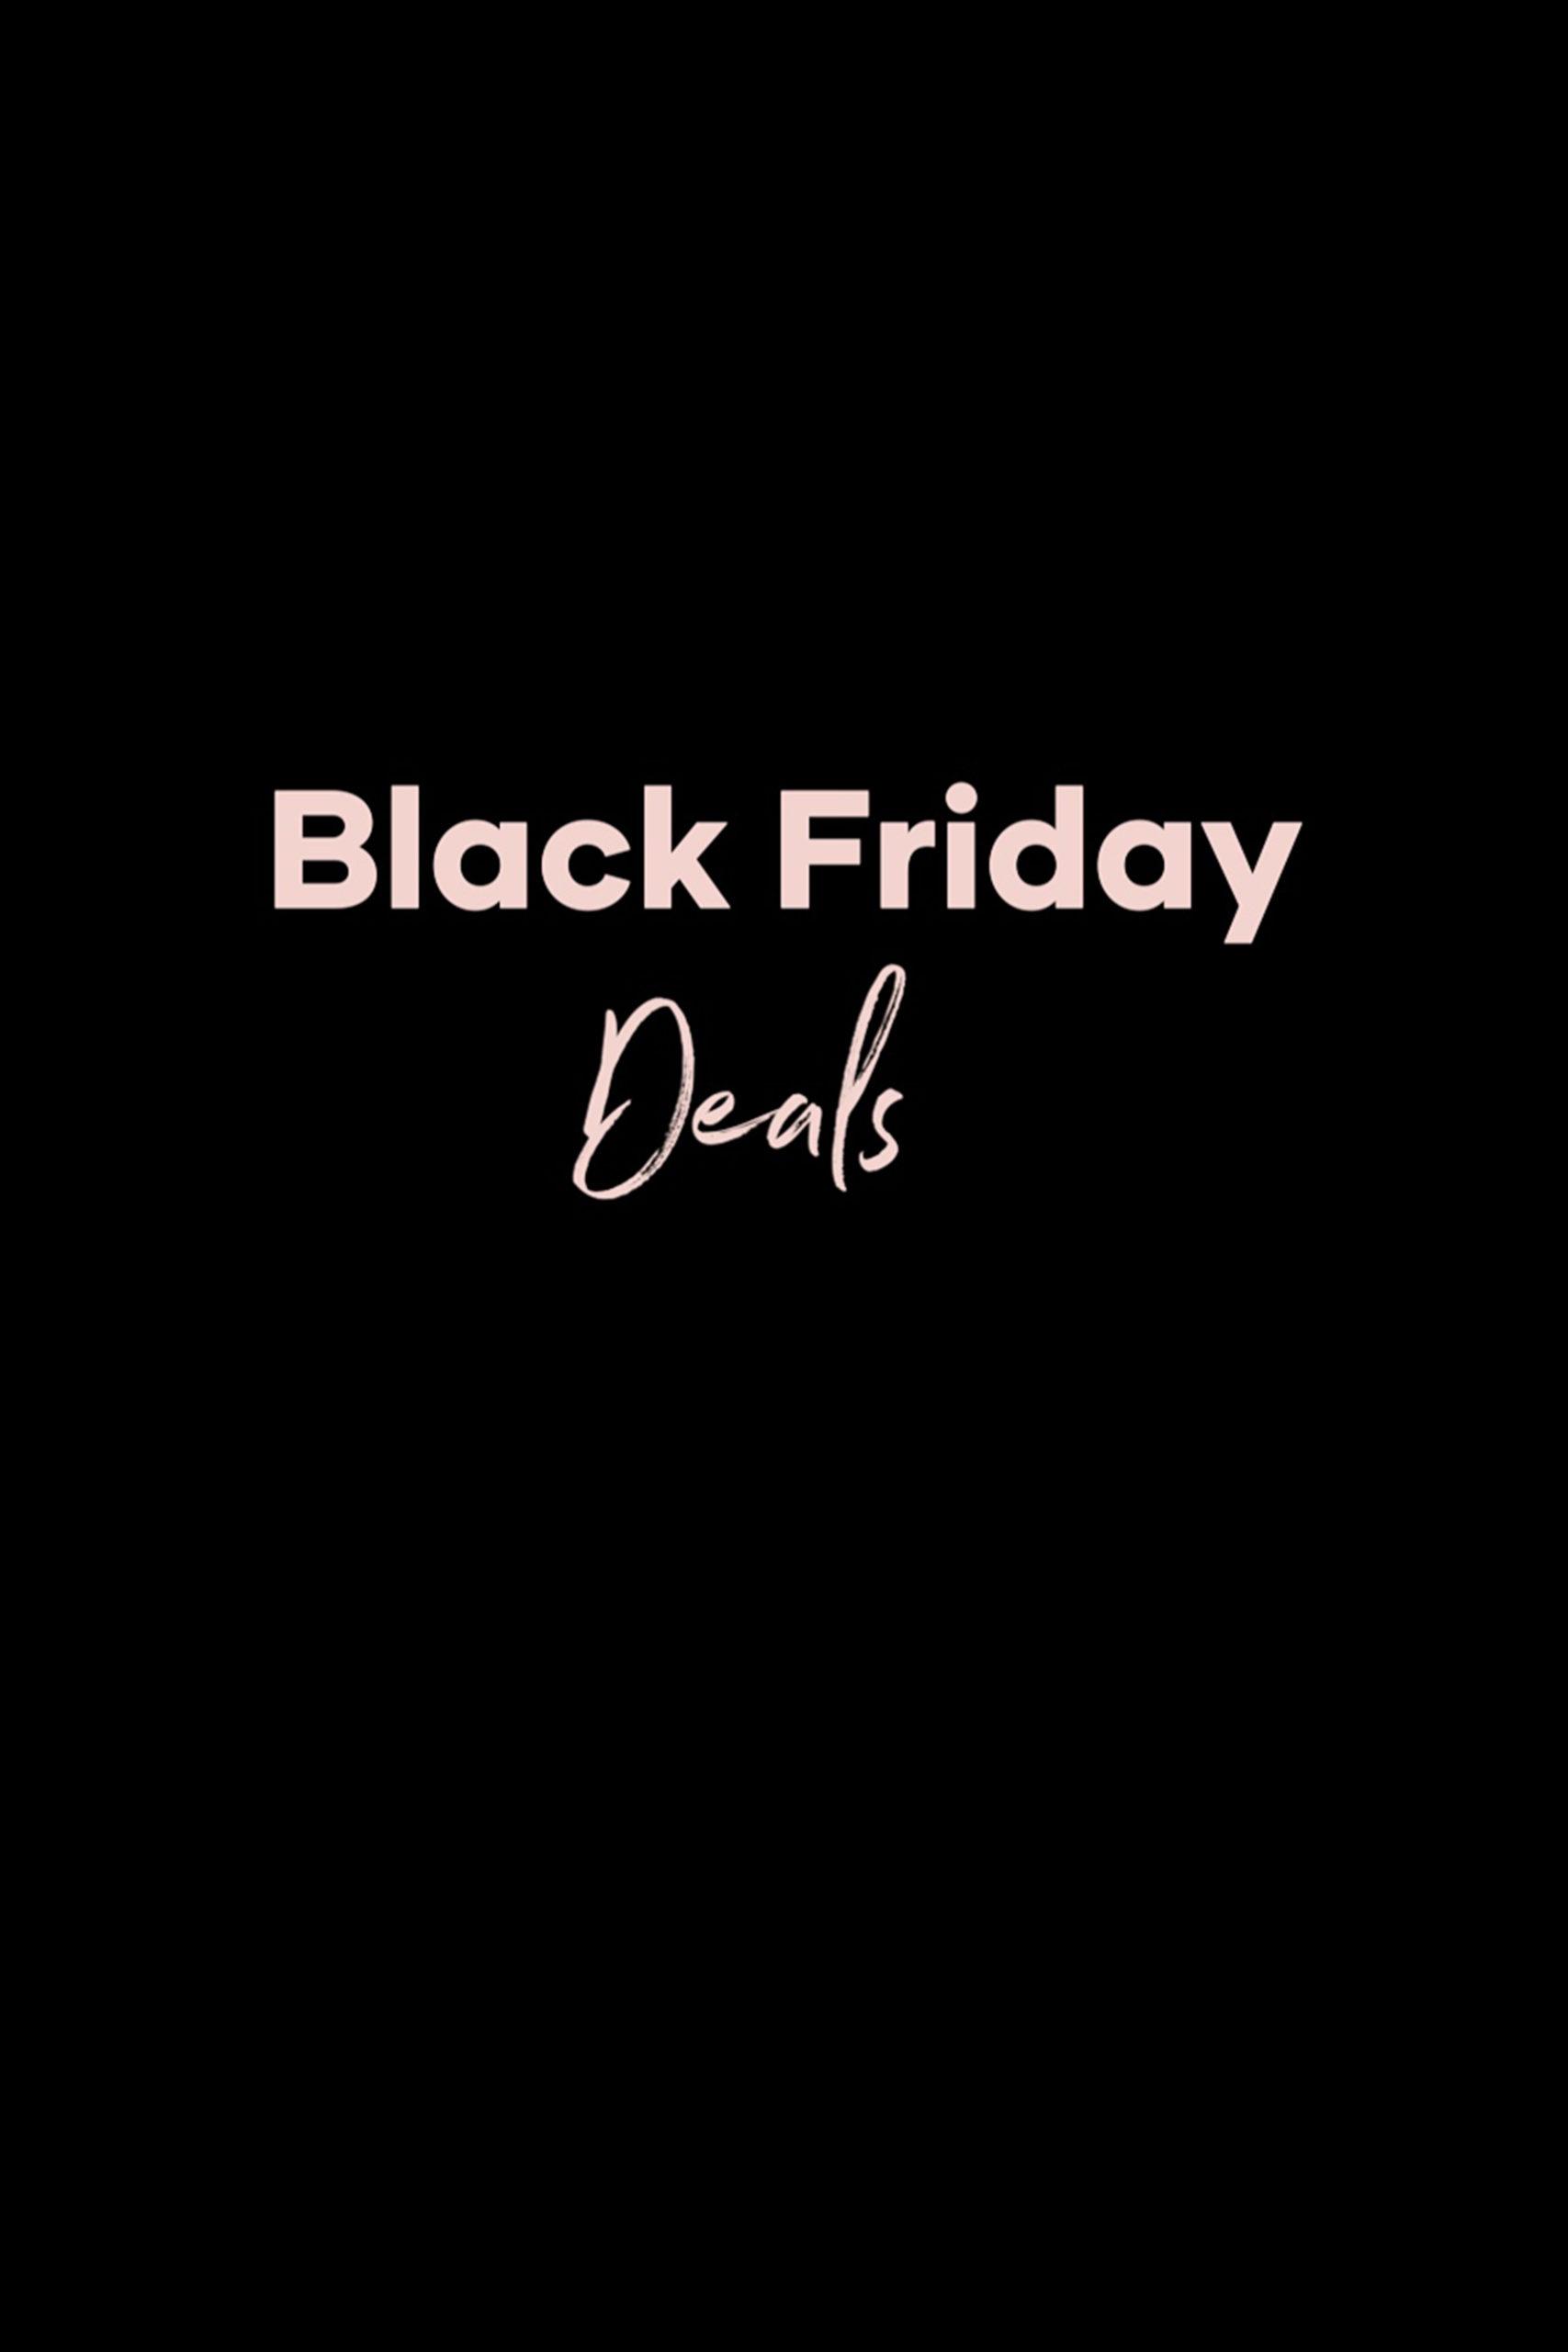 die besten Black Friday Deals 2020